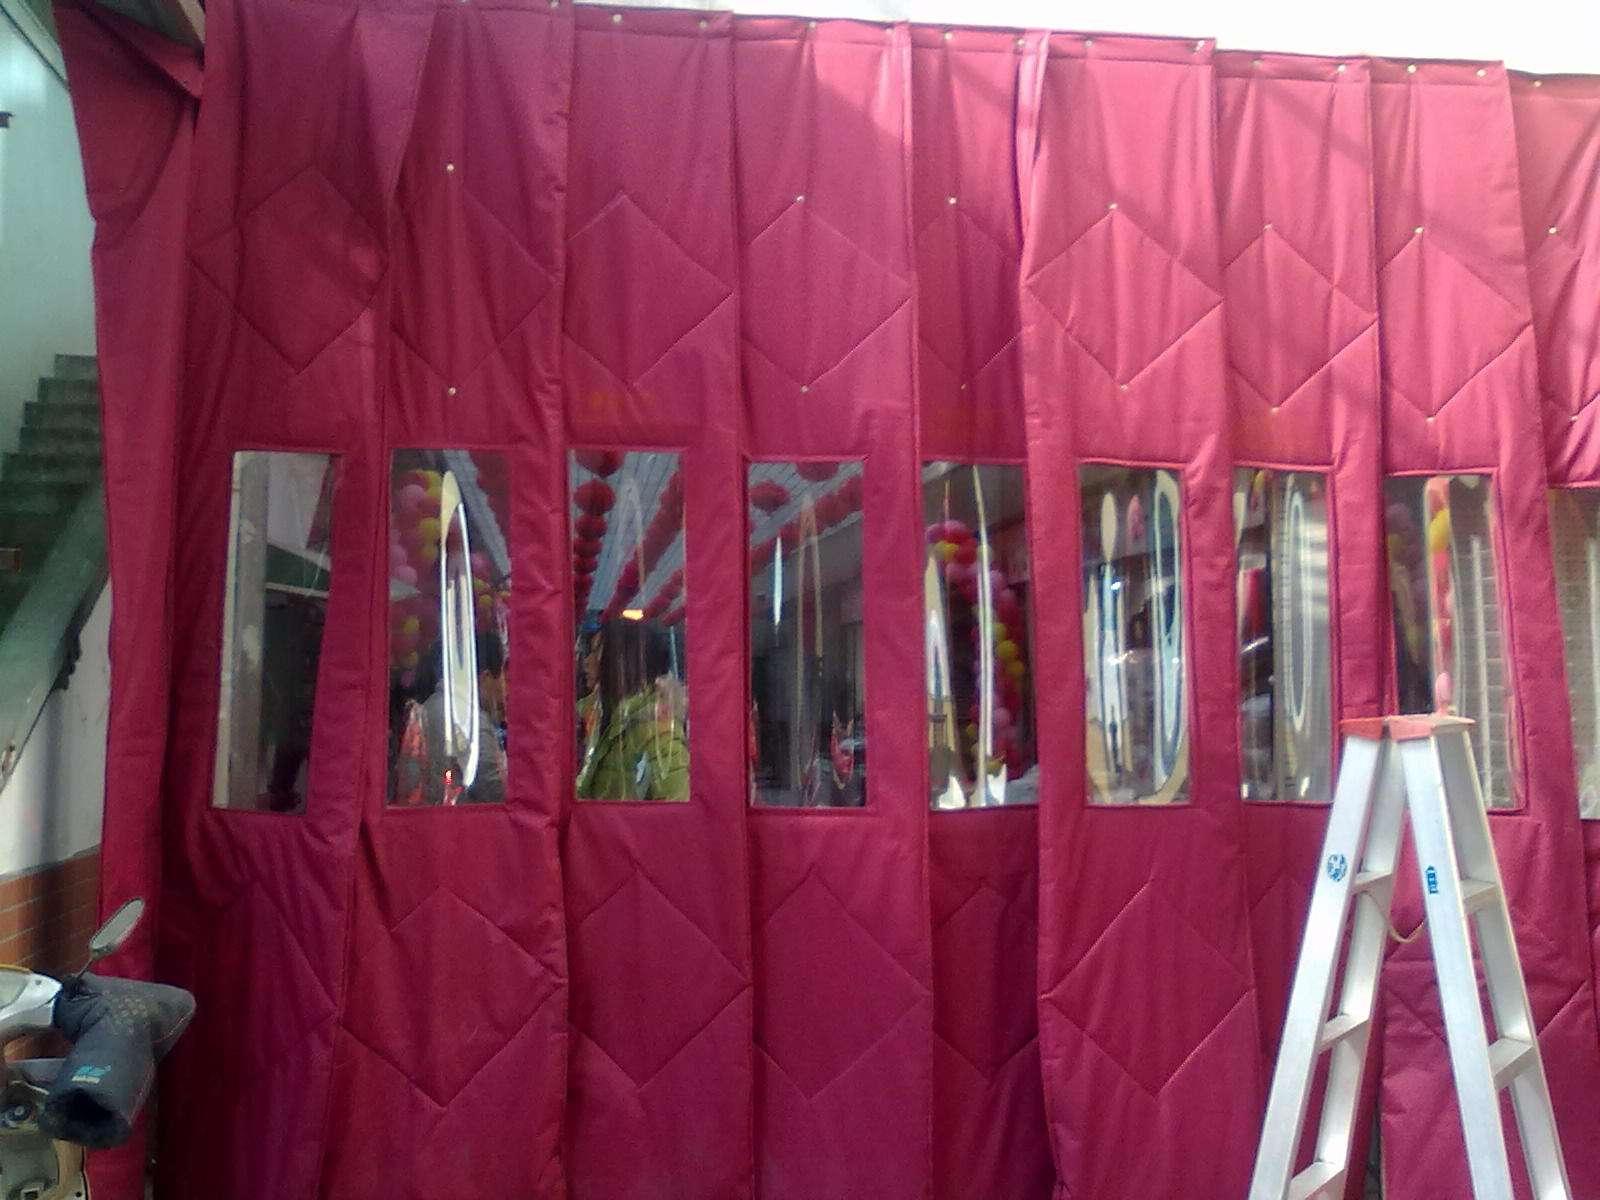 北京市高质量的棉门帘品牌 便宜的棉门帘批发